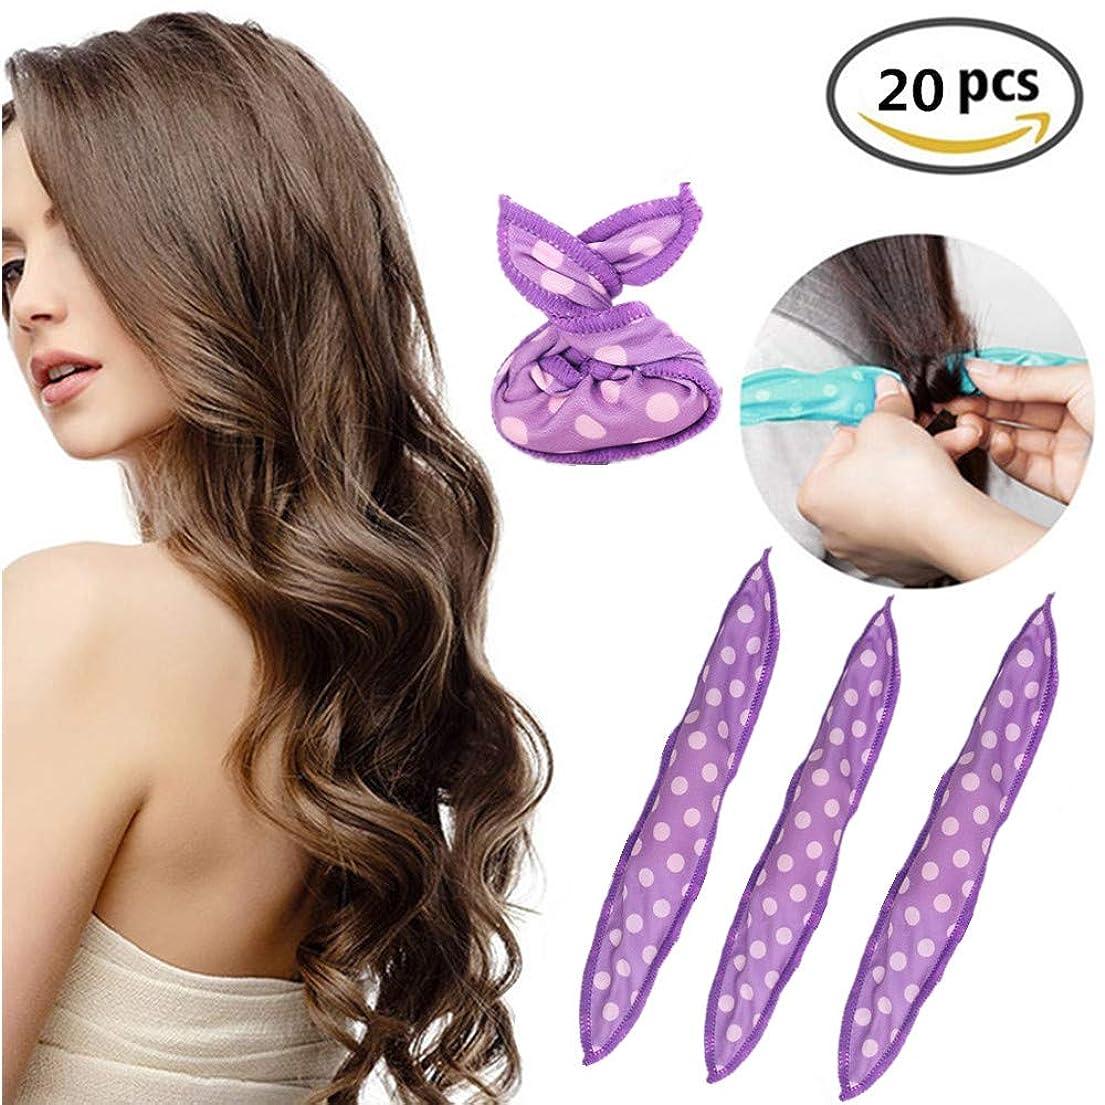 断片キャプション常習的HailiCare ヘアカーラー スポンジ ヘアカーラーマジック 手巻きカーラー 30枚 ヘアケアスタイリング 巻き髪 前髪 寝ながら ヘアスタイル 可愛い 髪に無害 ピンク (ピンク)